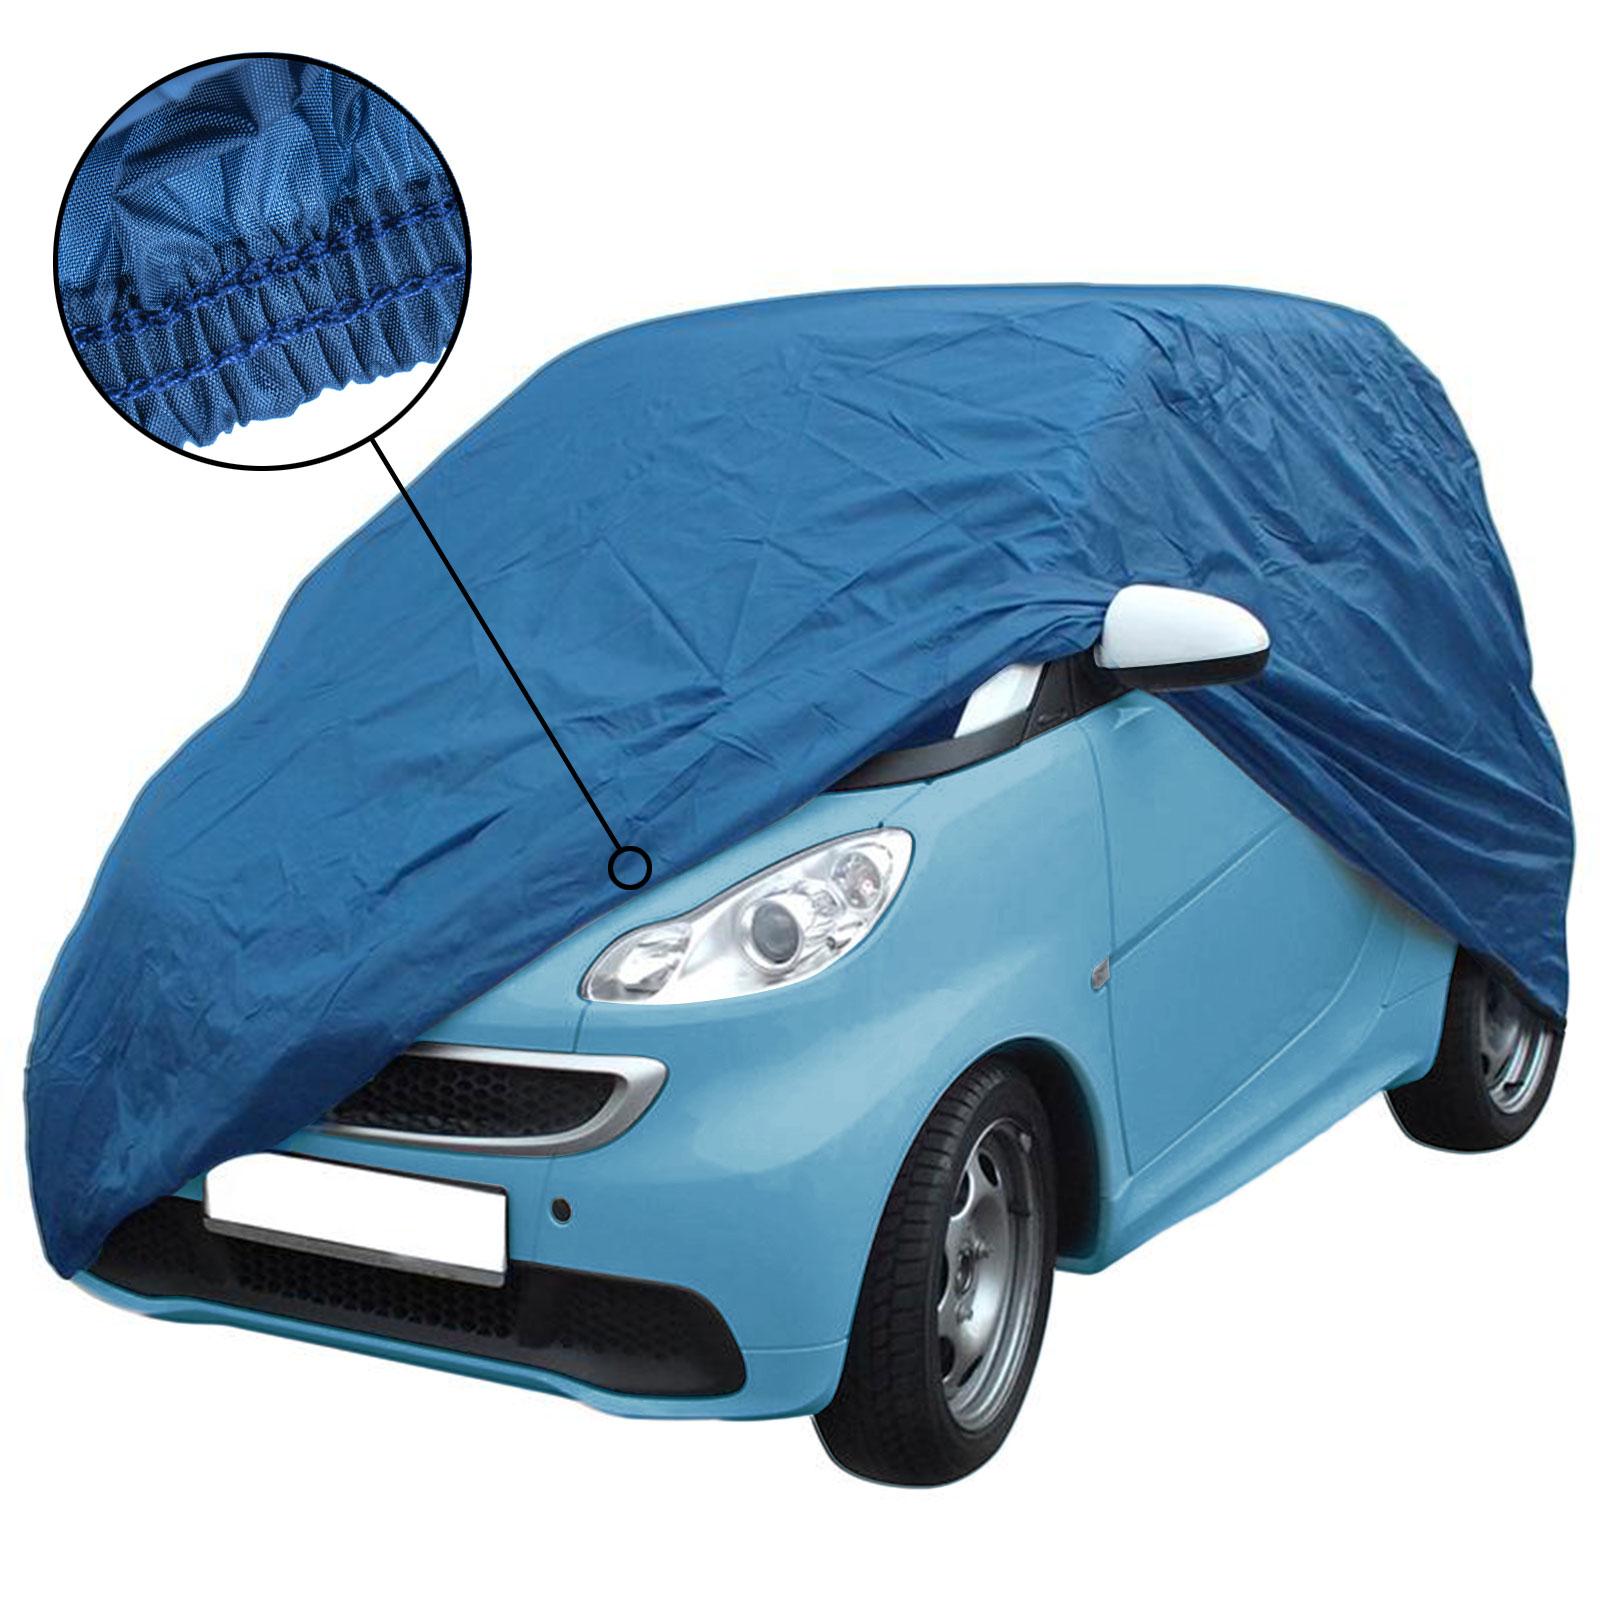 Auto Ganzgarage XS für Kleinstwagen, Nylon, 277x162x136 cm, blau, Gummizug